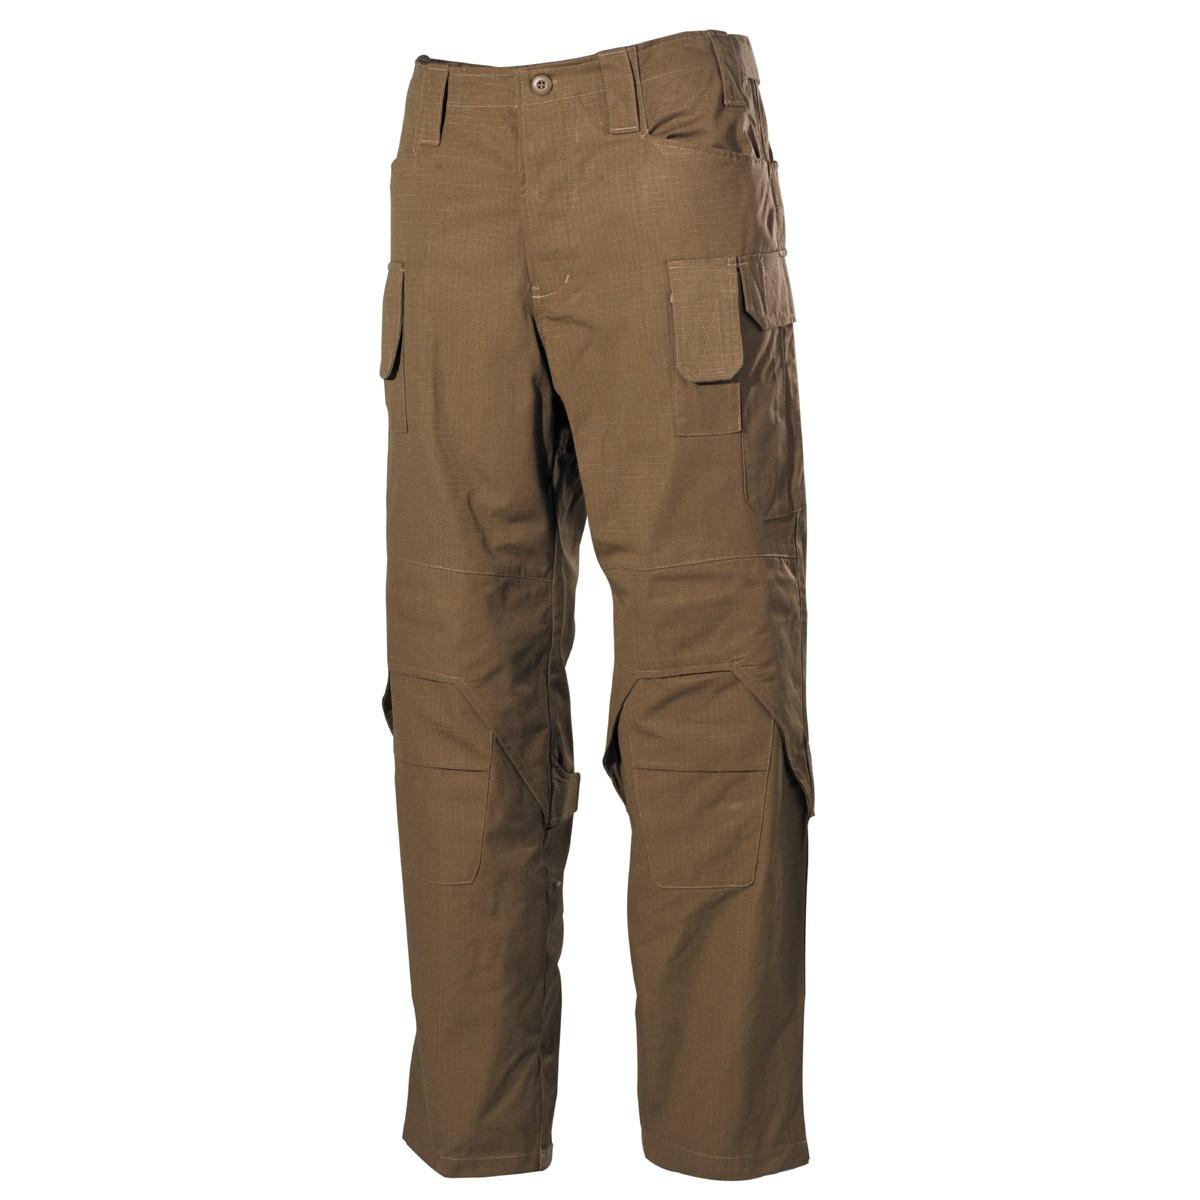 Kalhoty MISSION COYOTE - zvìtšit obrázek